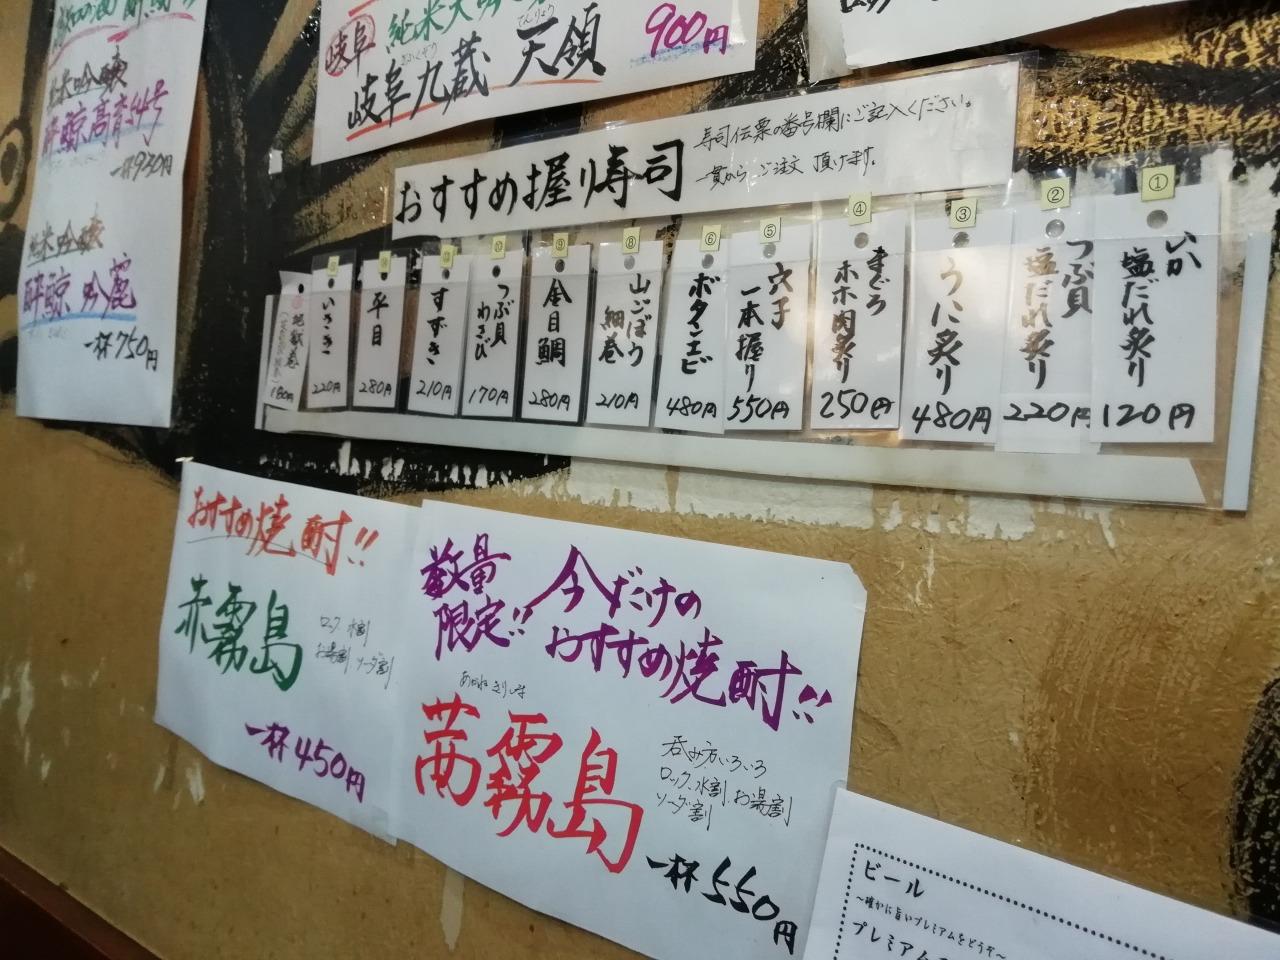 魚鉄食堂の寿司メニュー